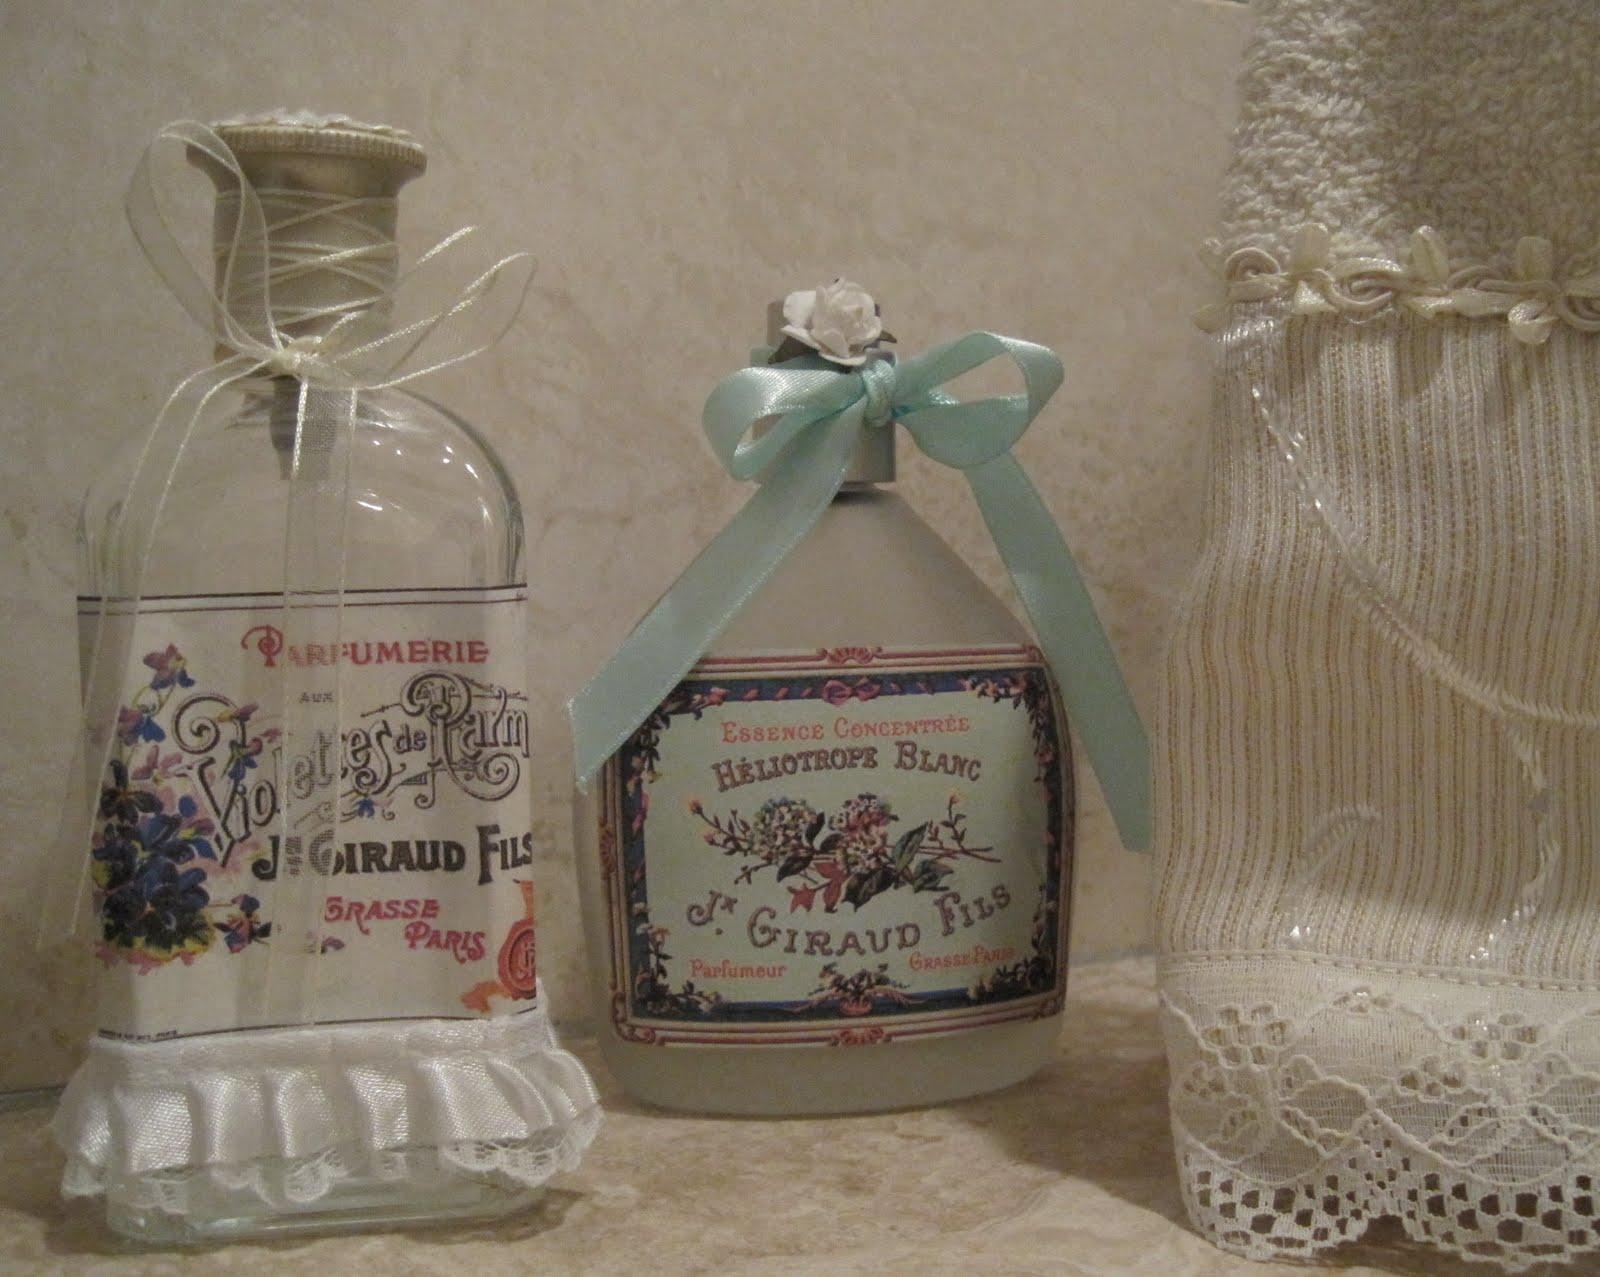 Arreglar Baño Antiguo:Reciclando frascos de perfume vacíos para y transformándolas en unas